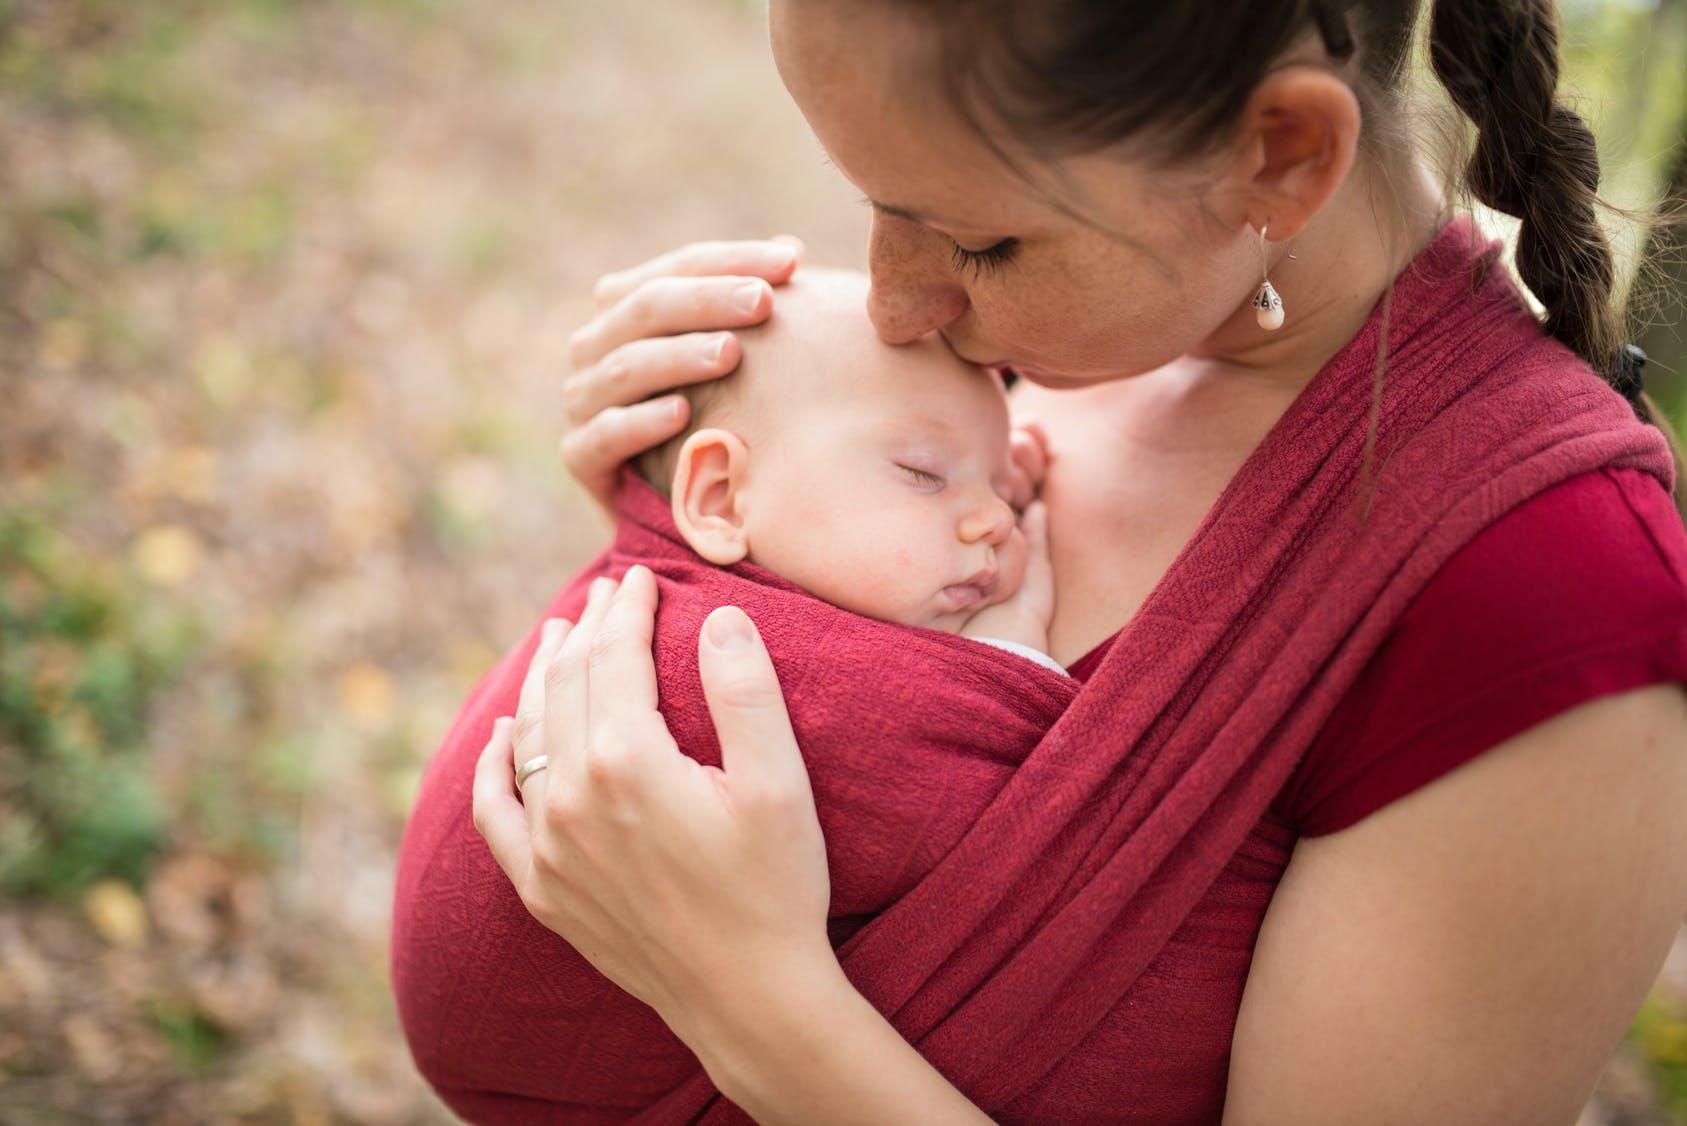 Echarpe de portage ou porte-bébé   C est vous qui décidez !   PARENTS.fr 807d2d99a57